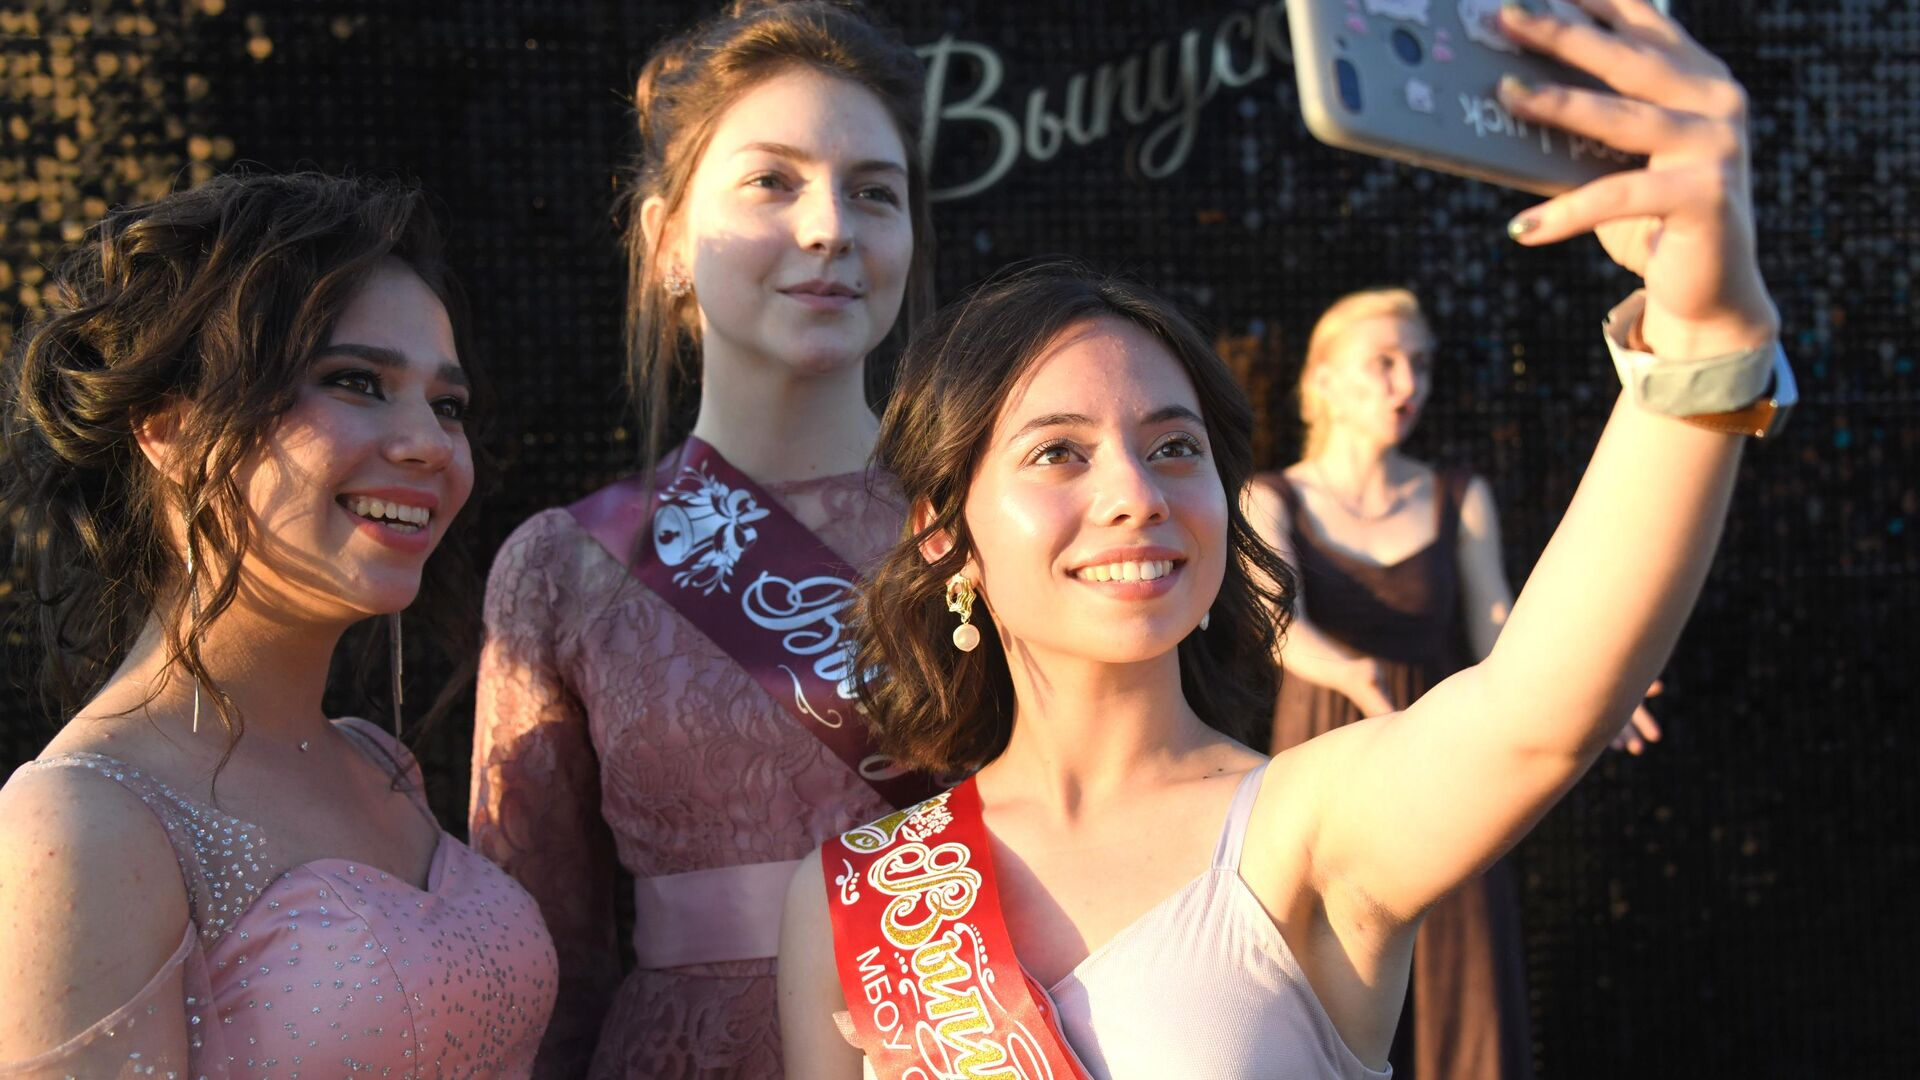 Выпускницы во время празднования школьного выпускного в Чите - РИА Новости, 1920, 21.04.2021